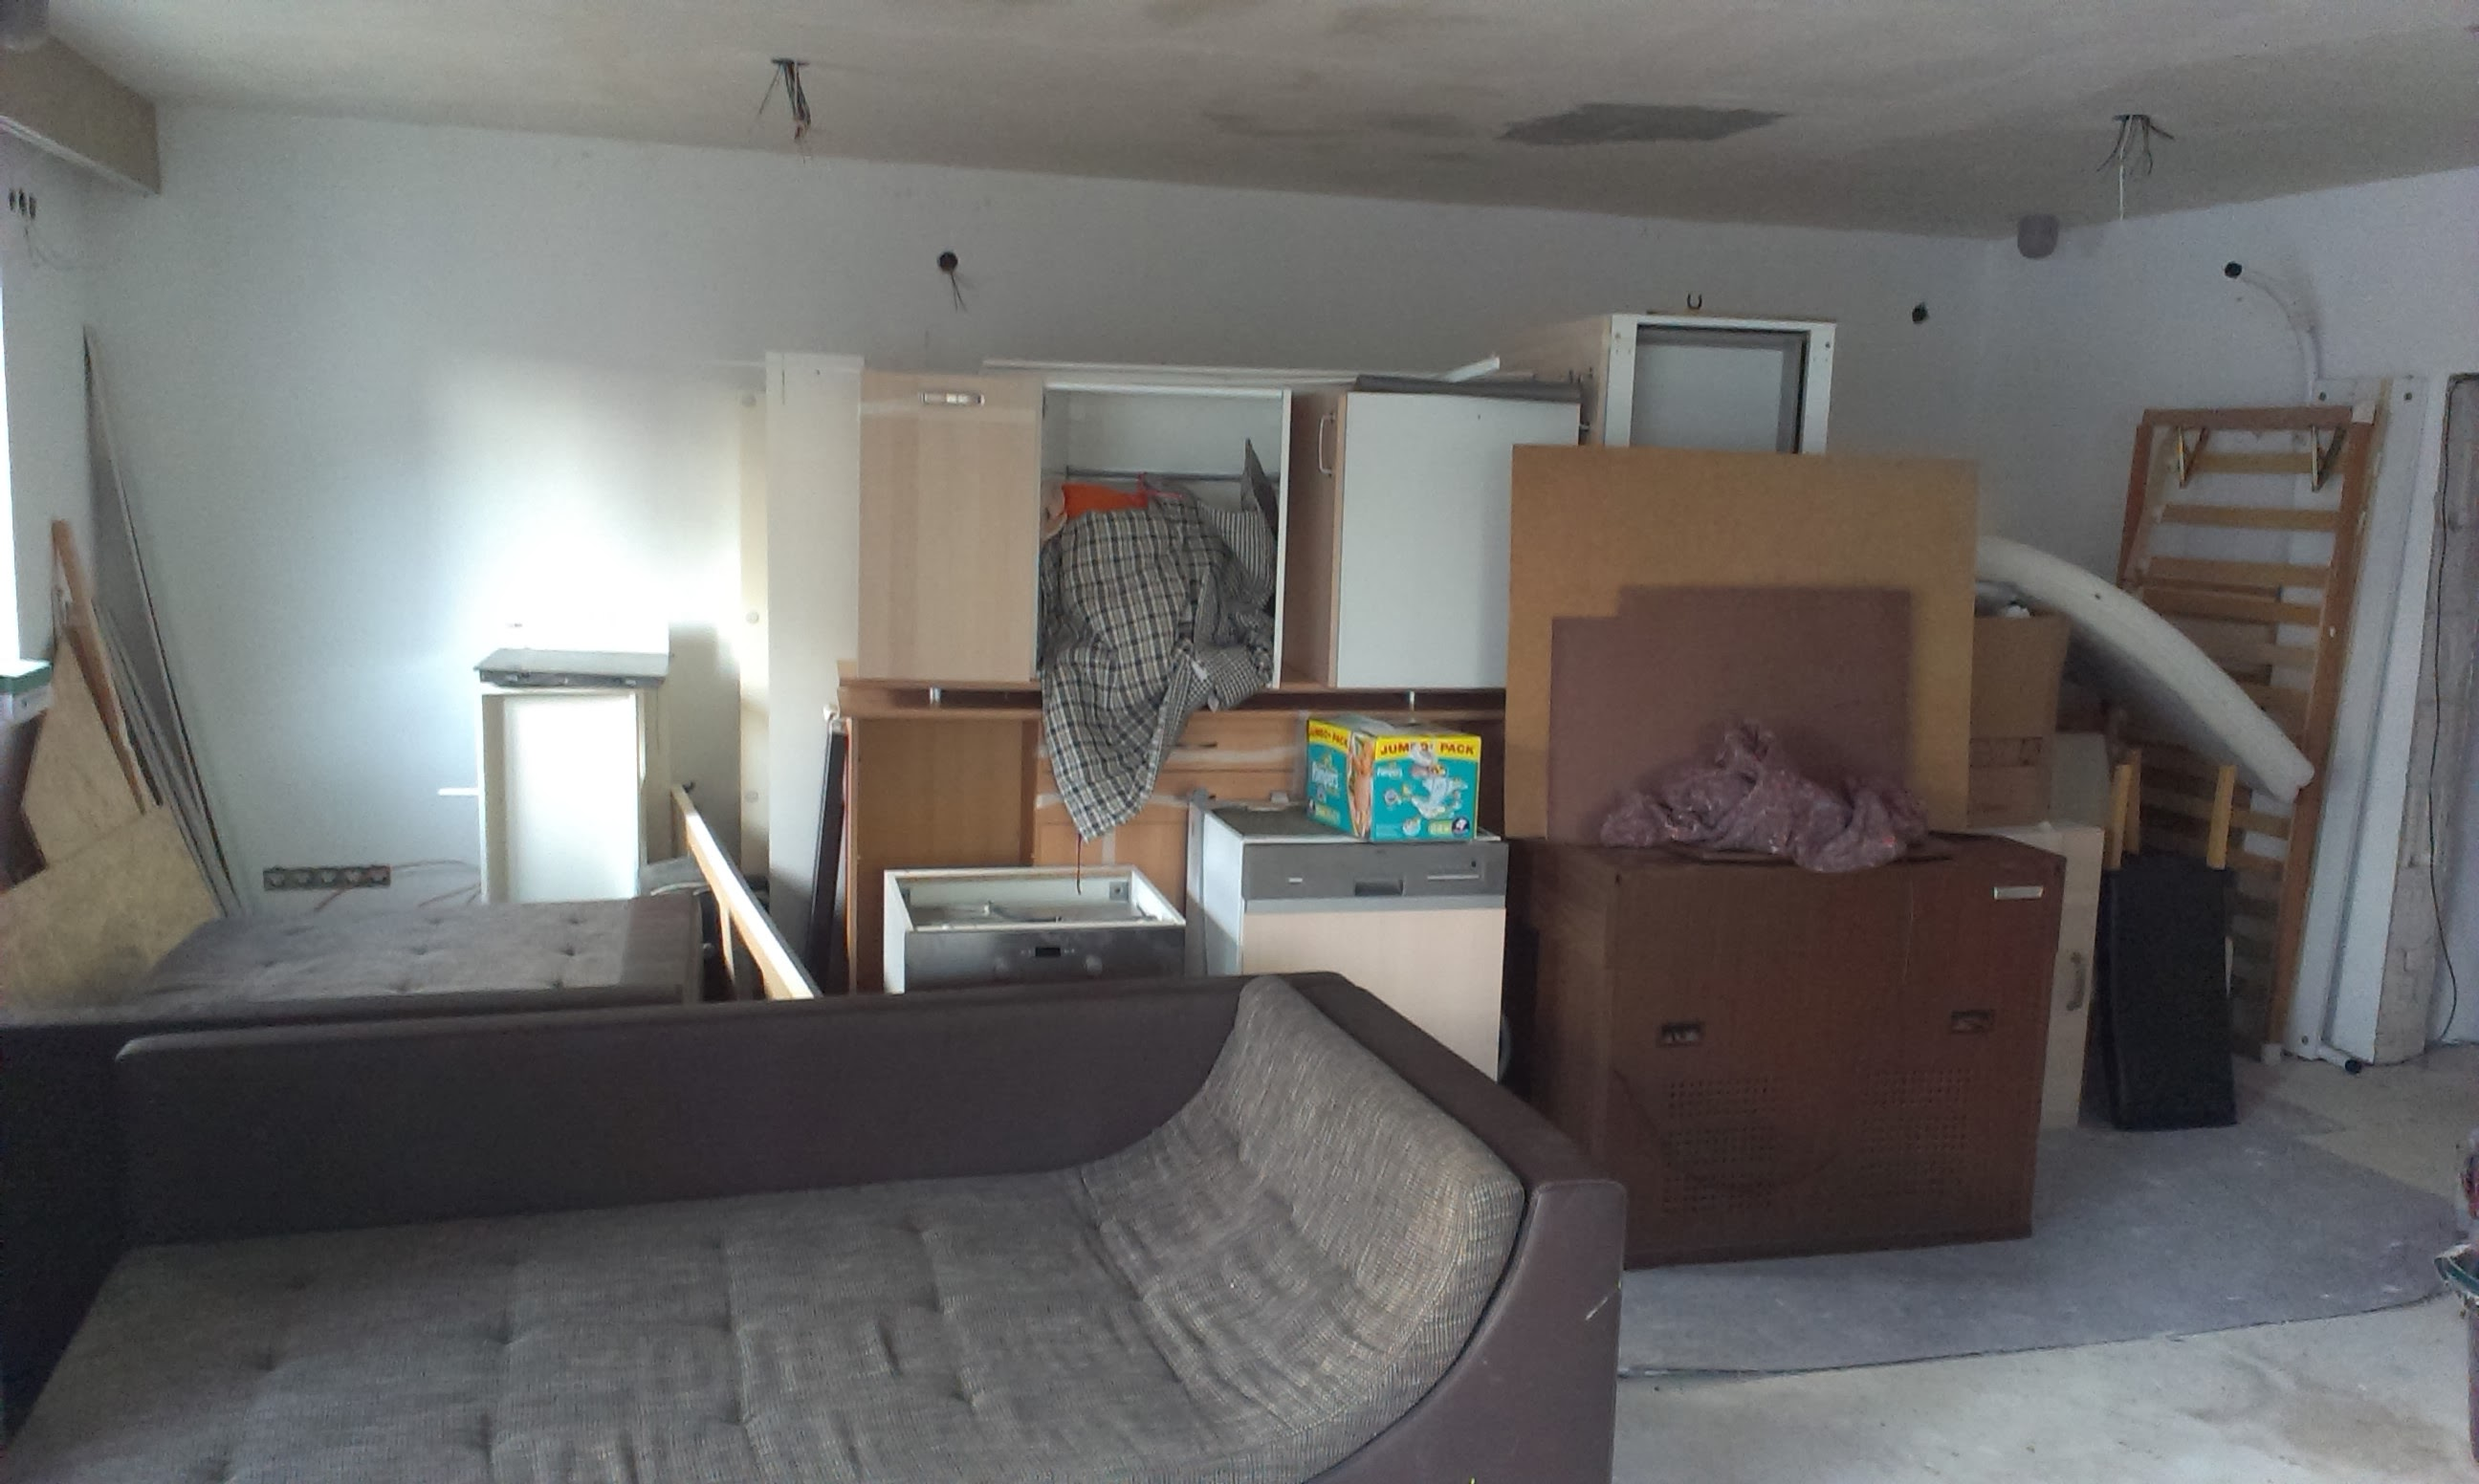 wohnen ohne internet strom warmwasser baublog. Black Bedroom Furniture Sets. Home Design Ideas